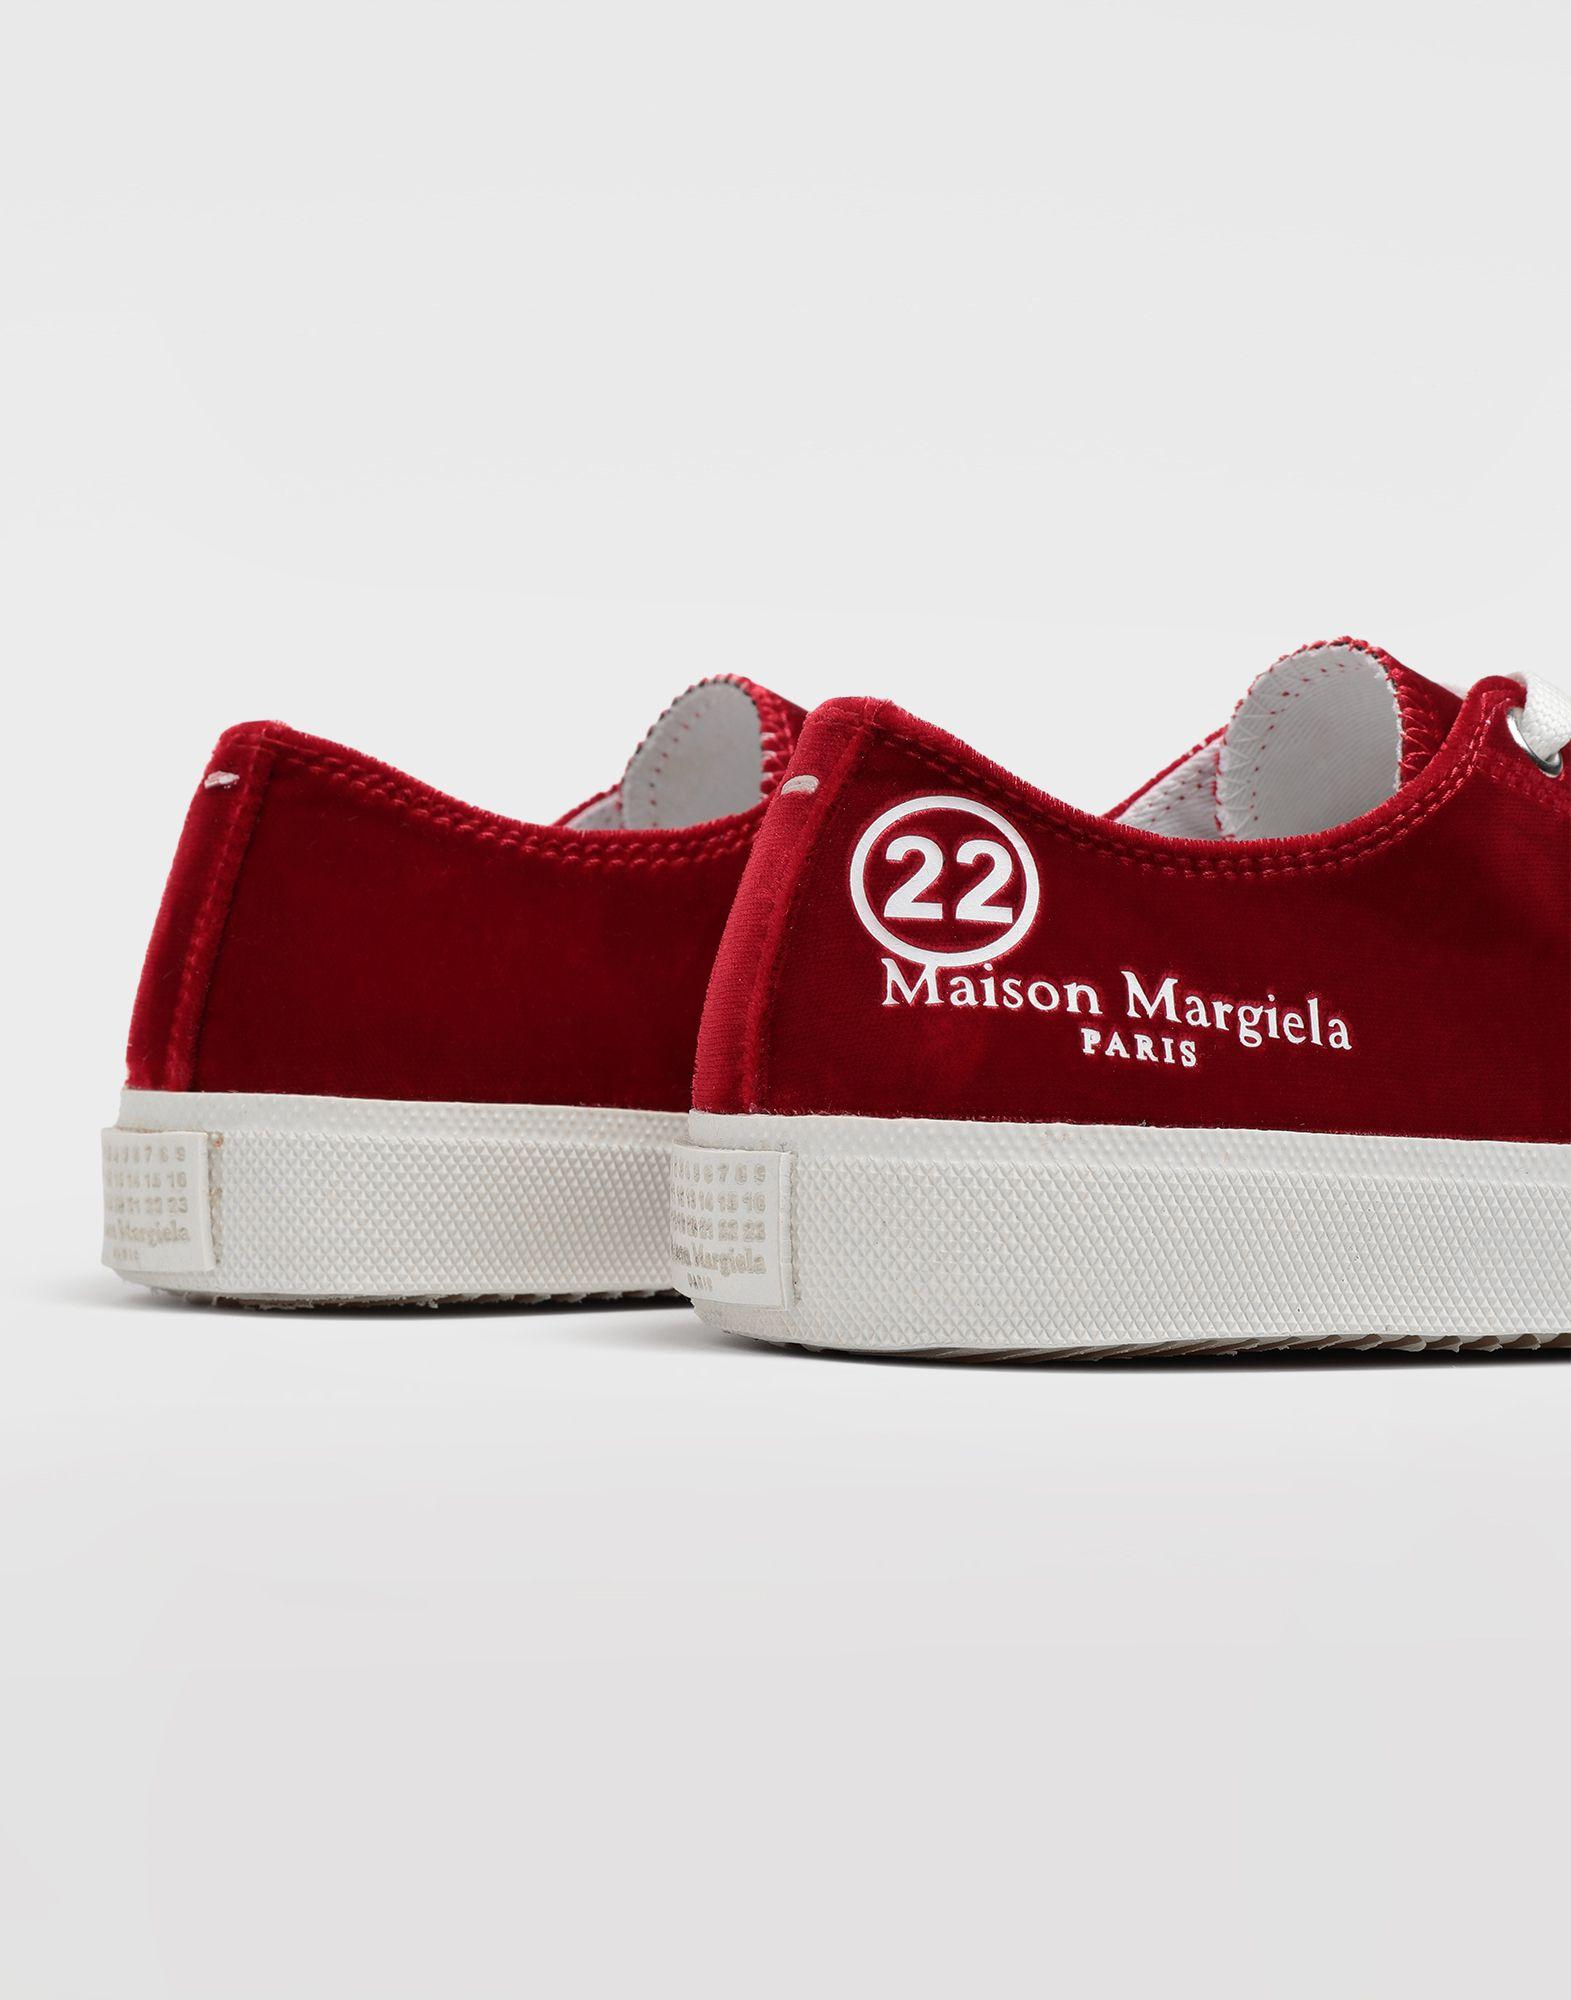 MAISON MARGIELA Tabi velvet sneakers Sneakers Tabi Woman a